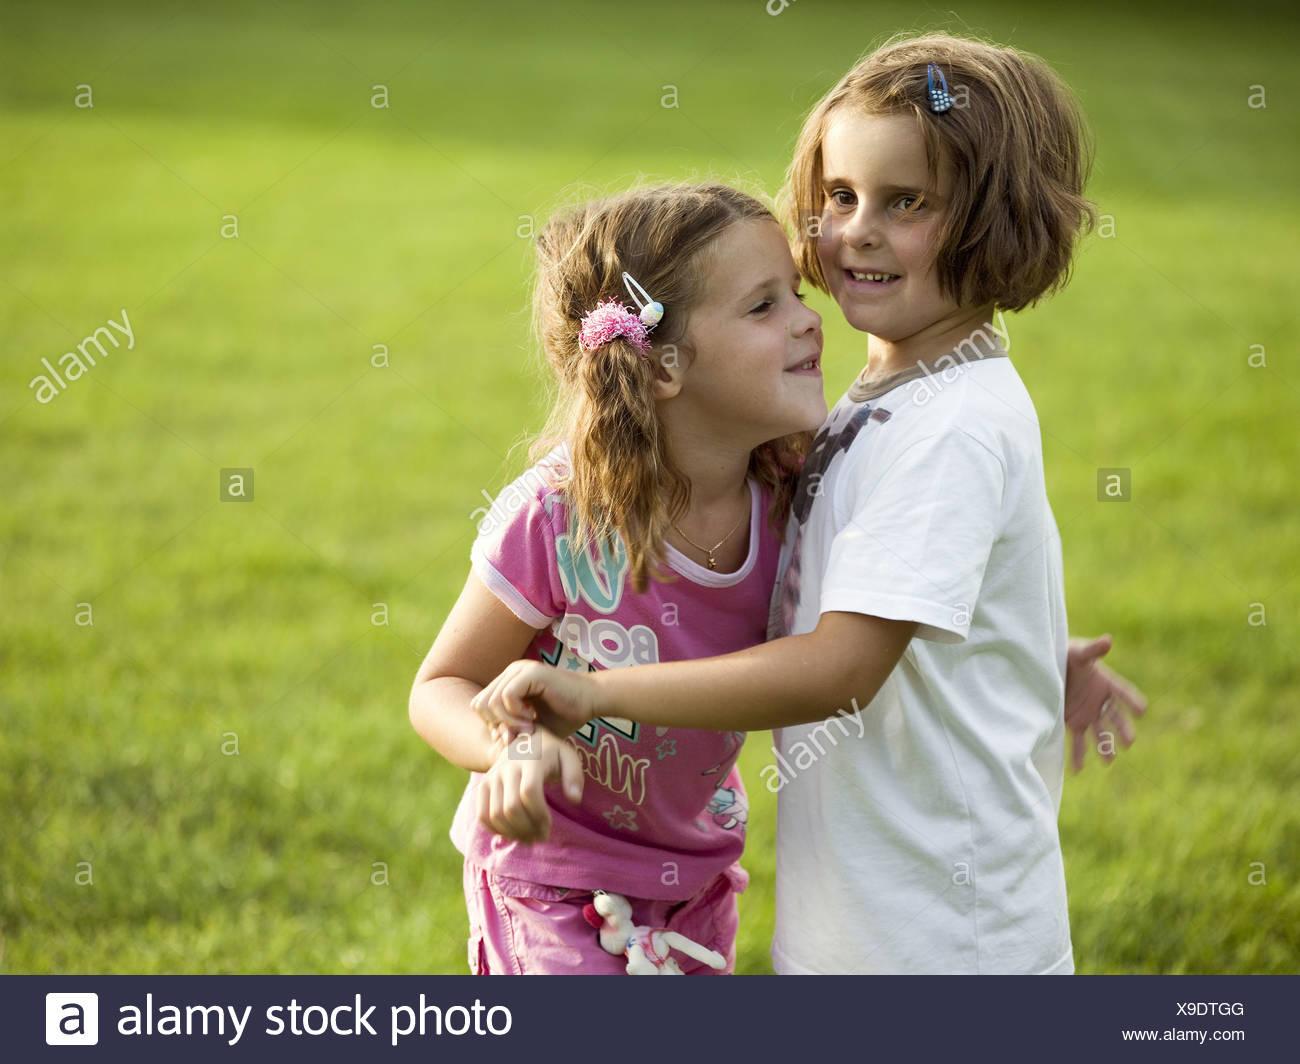 Deux Filles Pré Joue Gaiement Série Détail Personnes Enfants intérieur Activité Fille 6 Ans